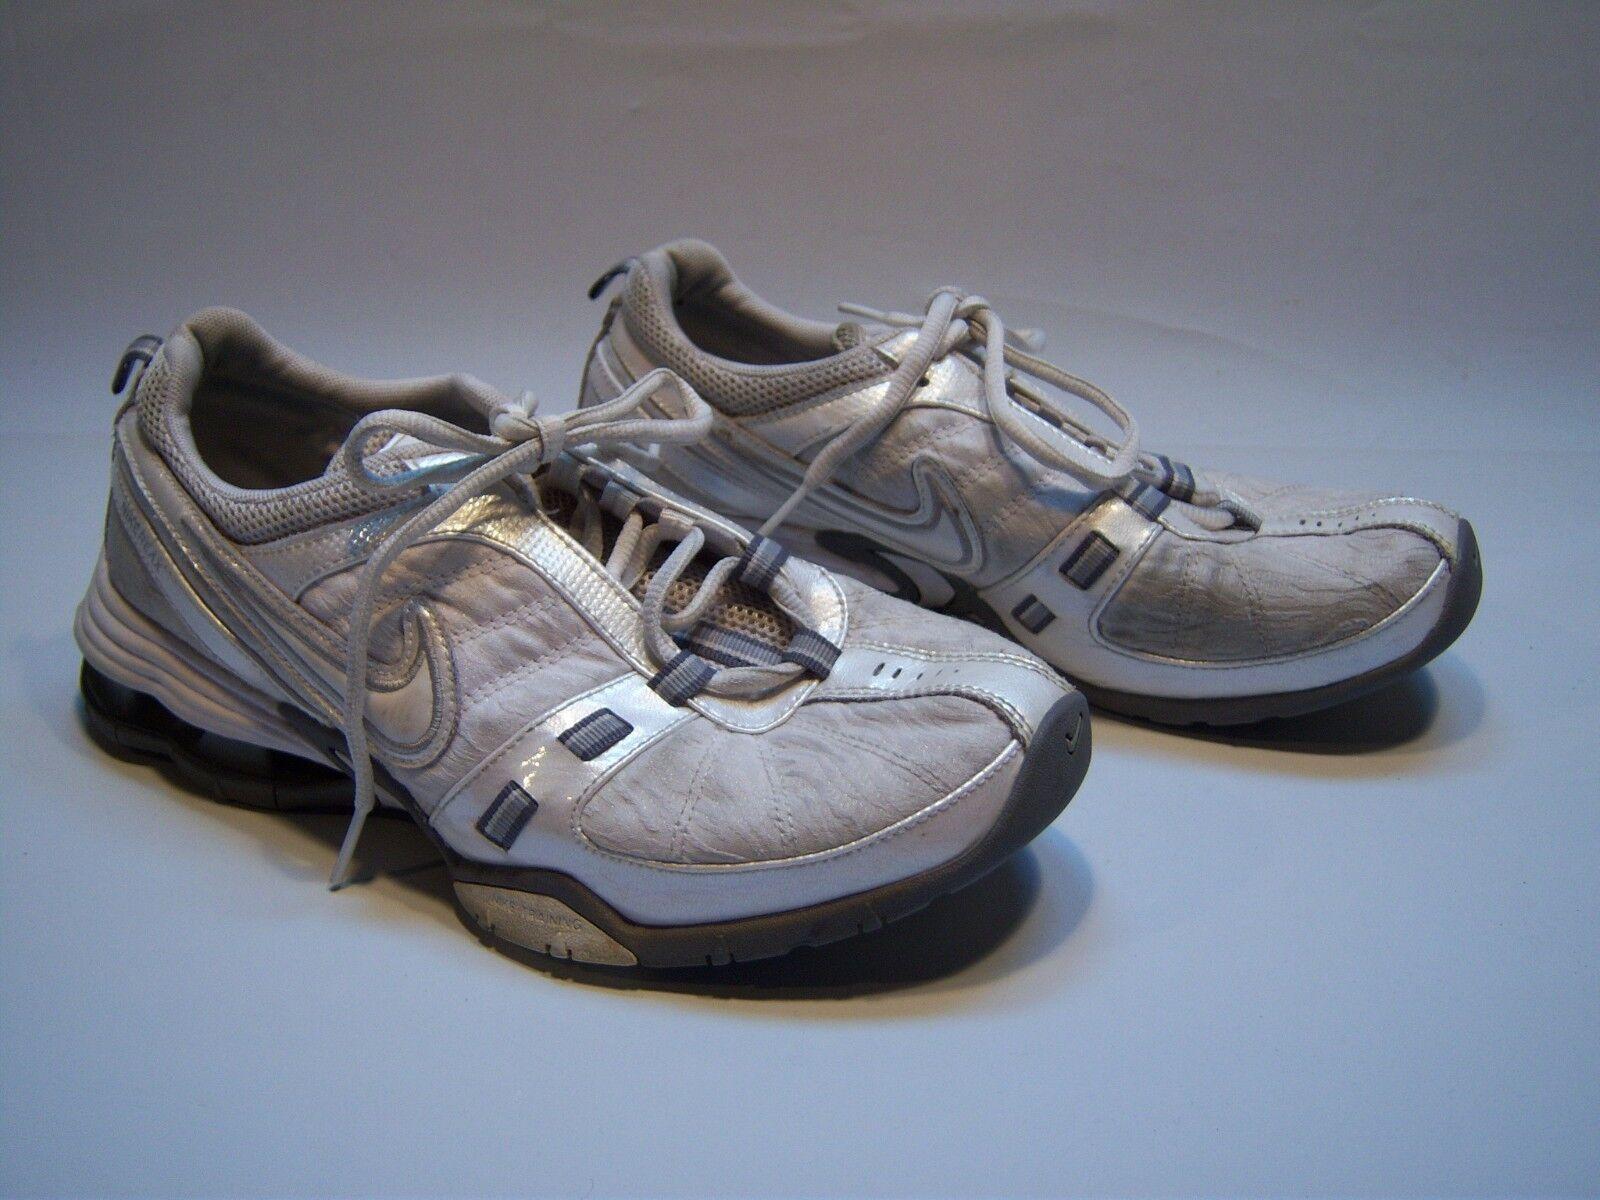 cec19e3ecd3f ... Nike Reax Casual Casual Casual Athletic Sneakers Men s Size 8.5 78897f  ...